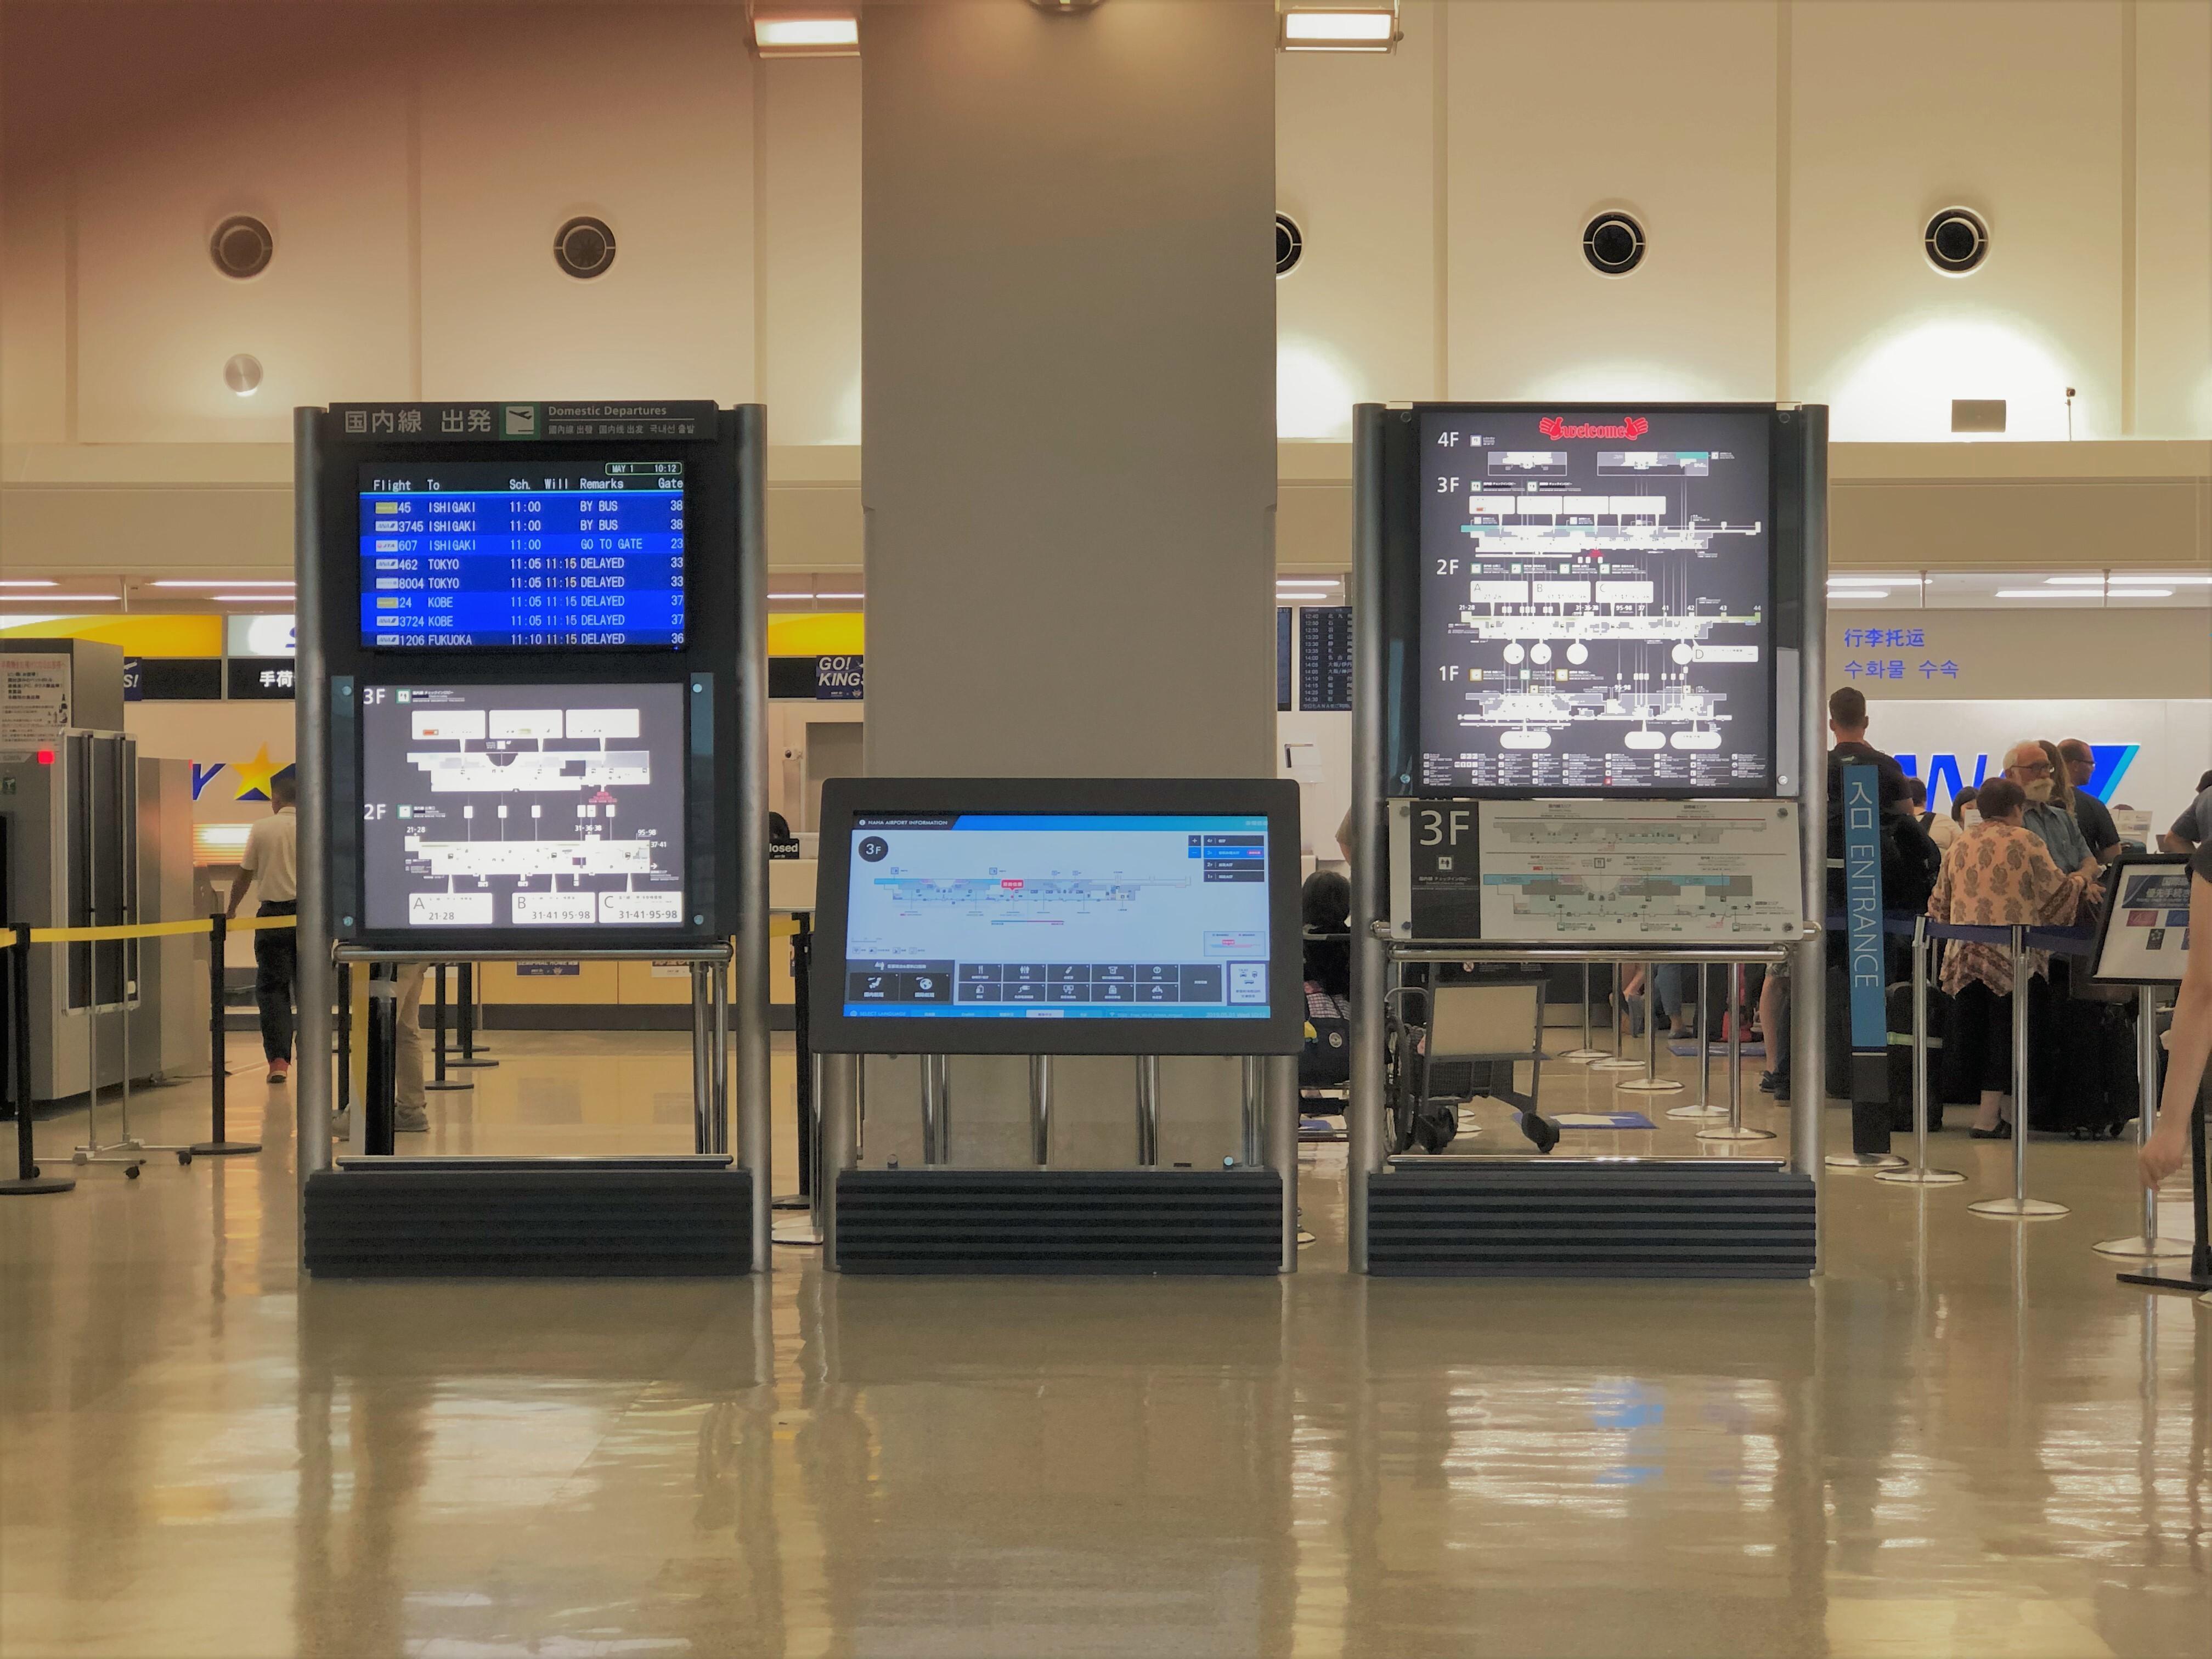 空港内の電子掲示板の写真